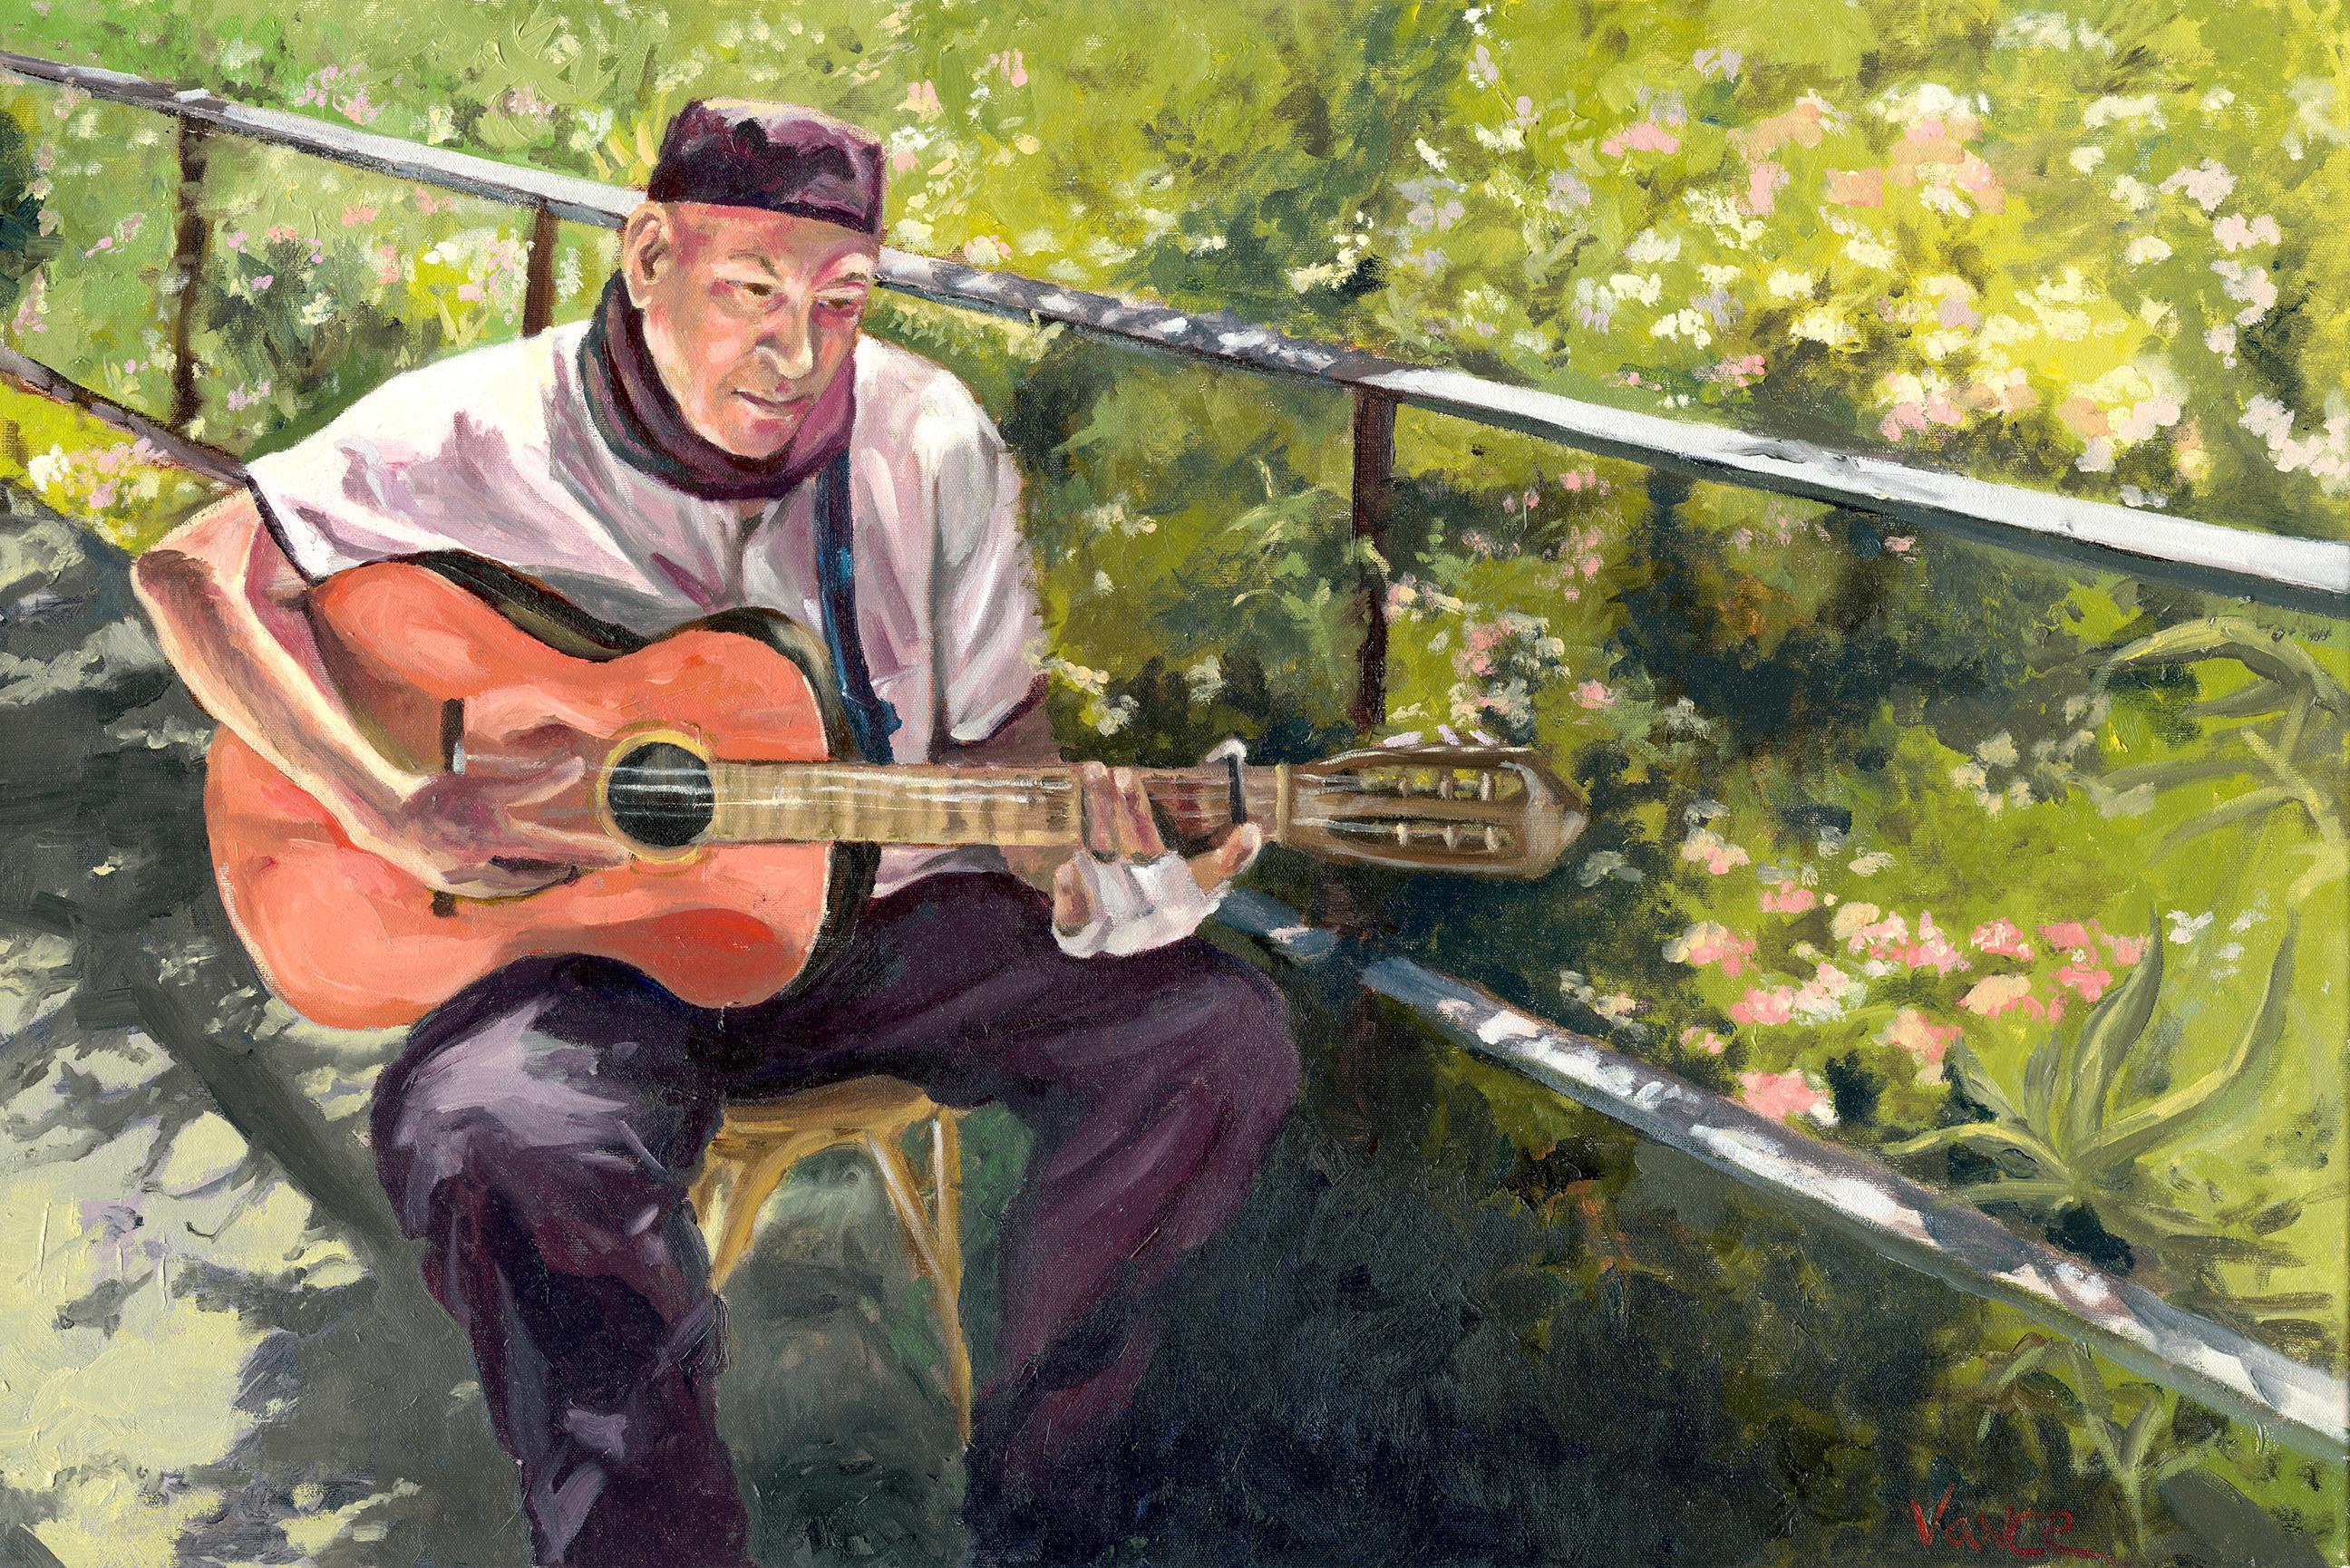 Opv art barcelona park guell guitarist low res jpg file skcnrr